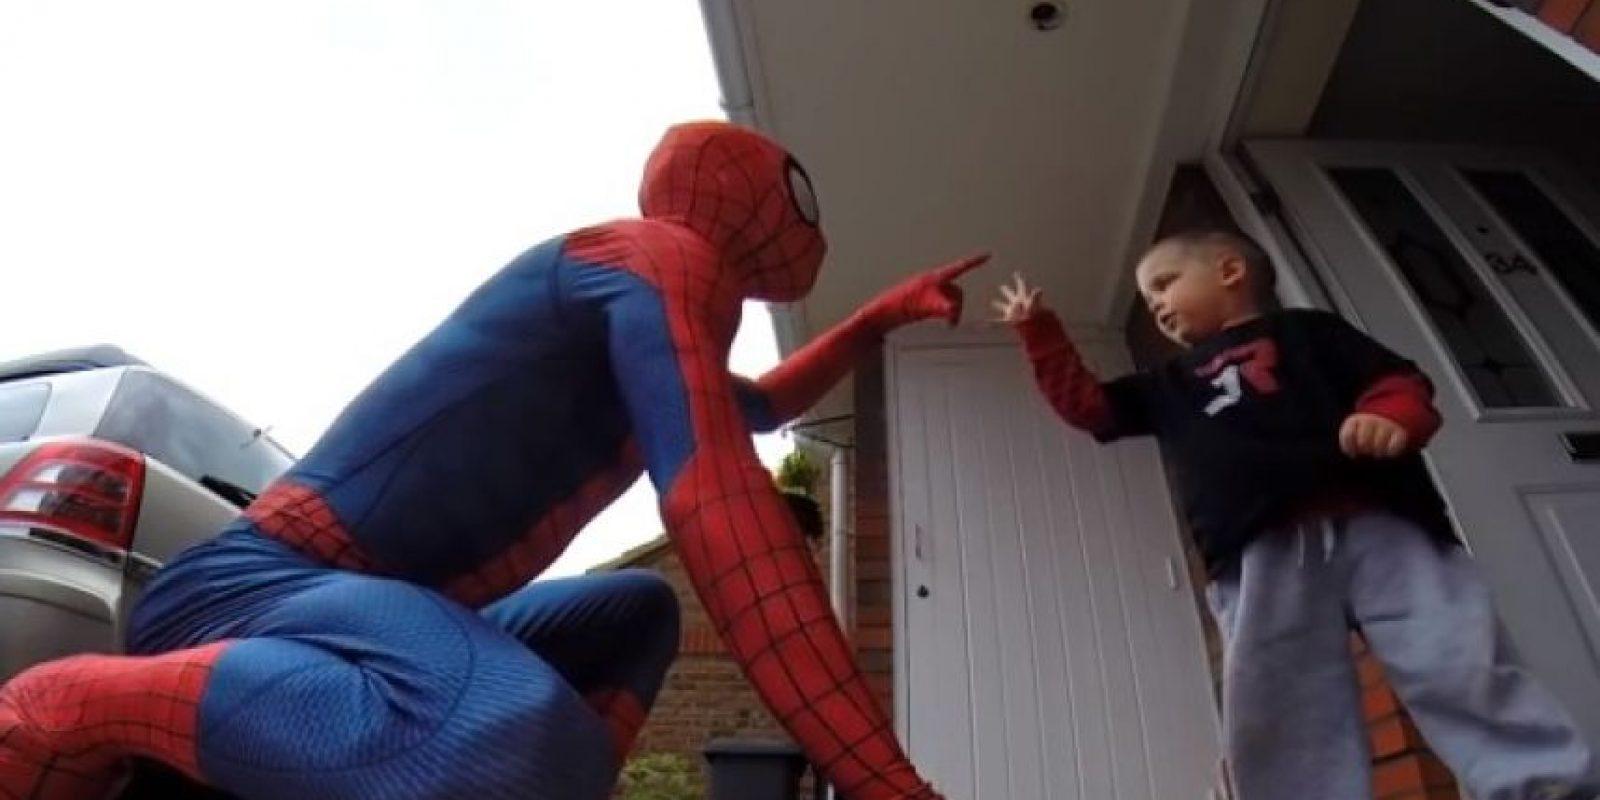 1. Padre se viste de Spiderman para sorprender a su hijito en su cumpleaños Foto:Vía Youtube